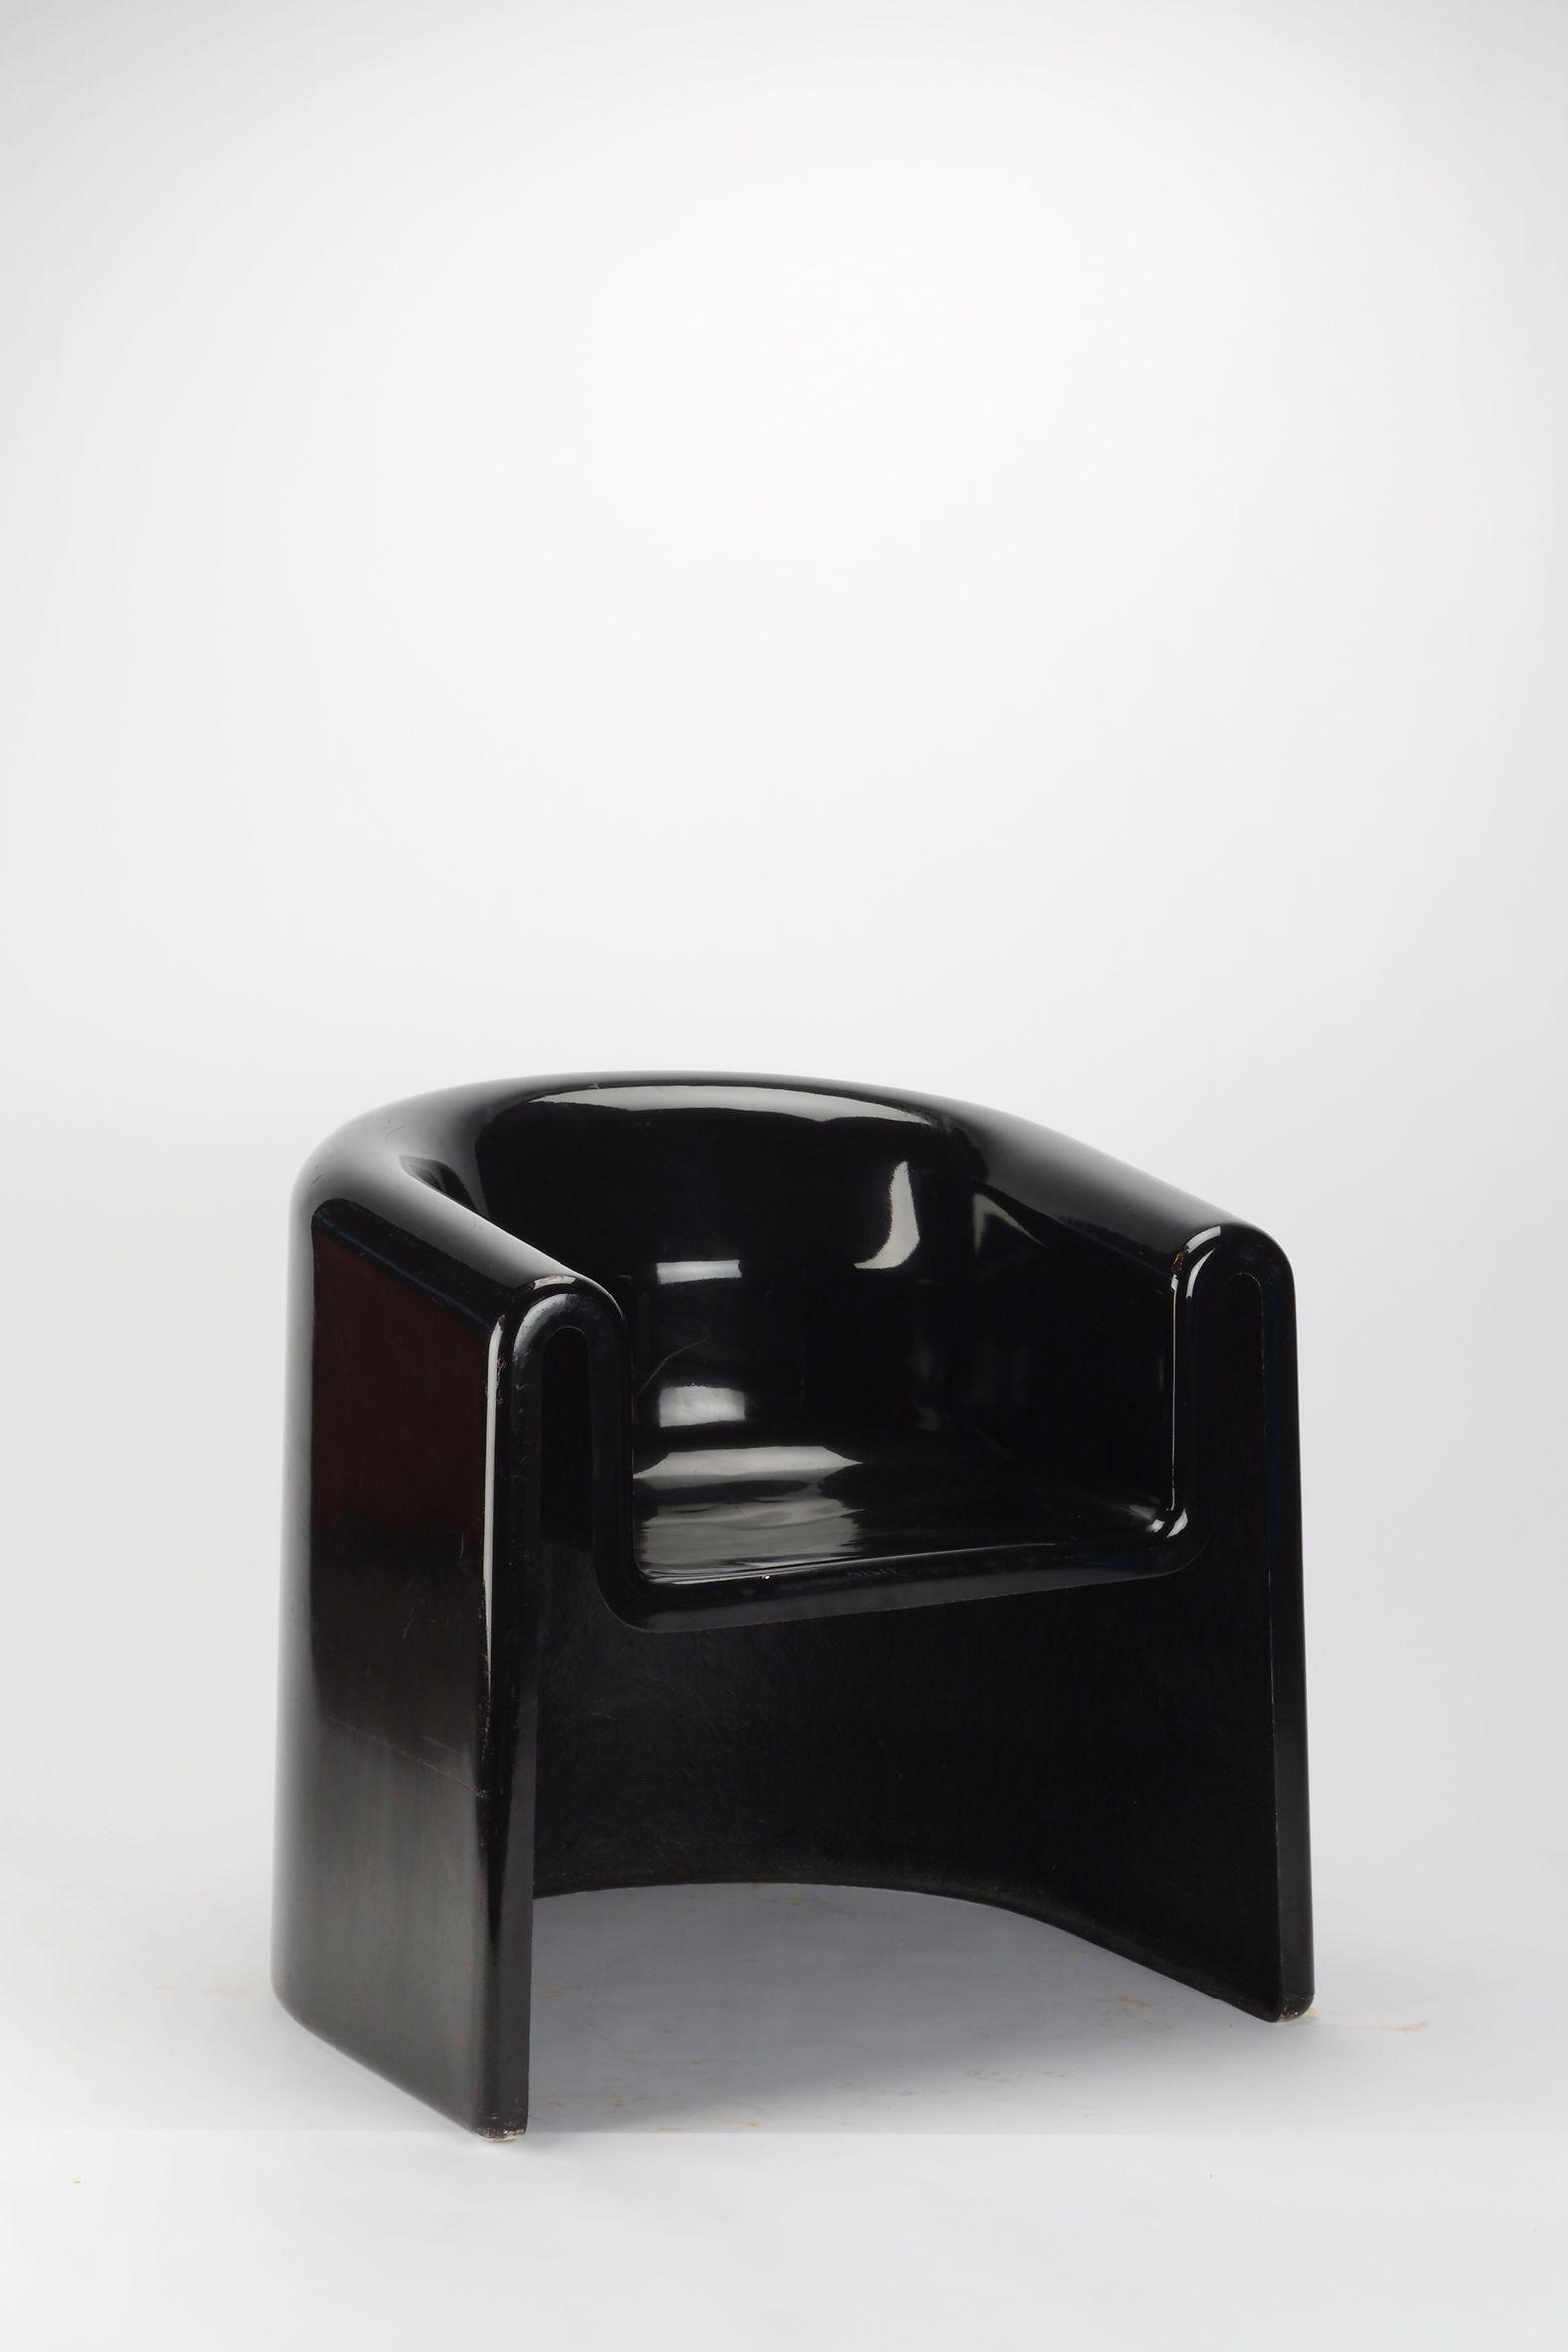 futuristisches möbeldesign deavita rodolfo bonetto melaina chair um 1970 chairs pinterest